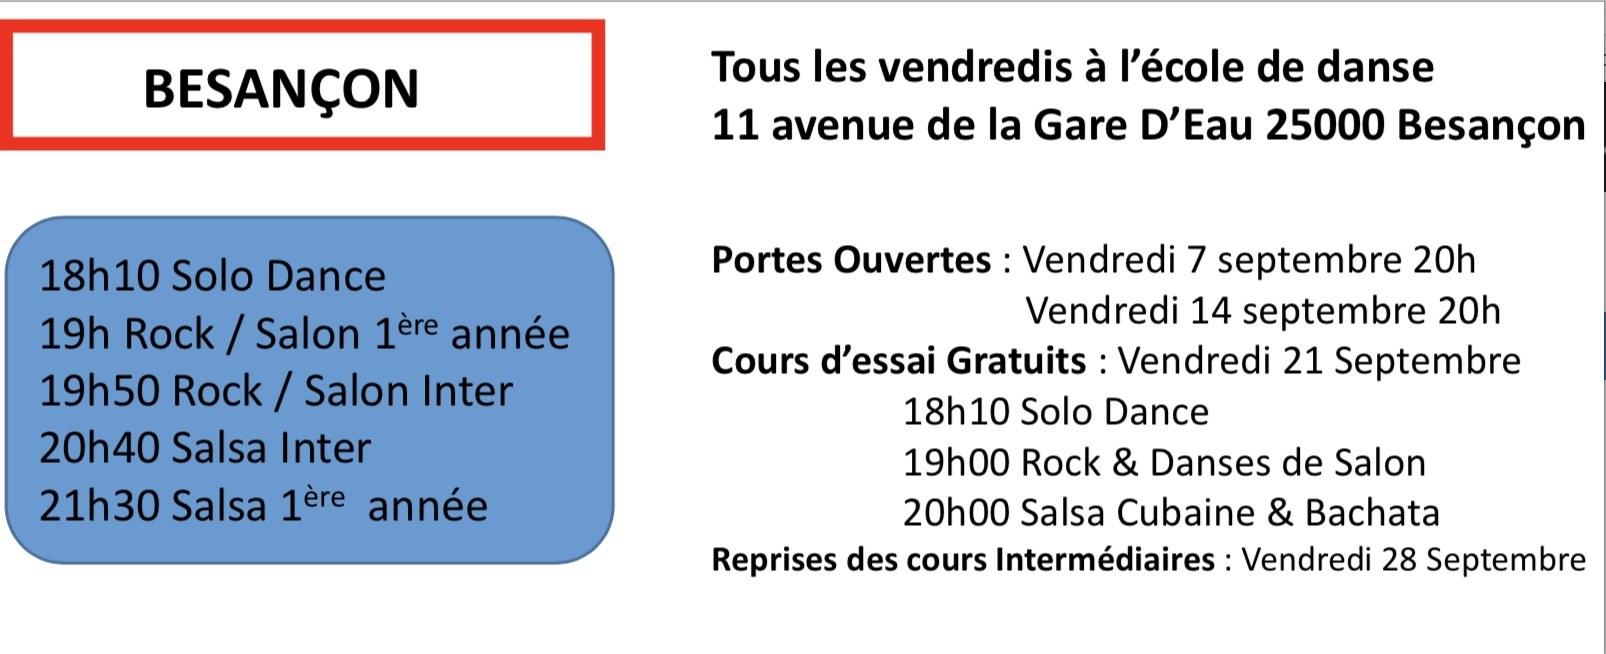 Cours Collectifs Besançon